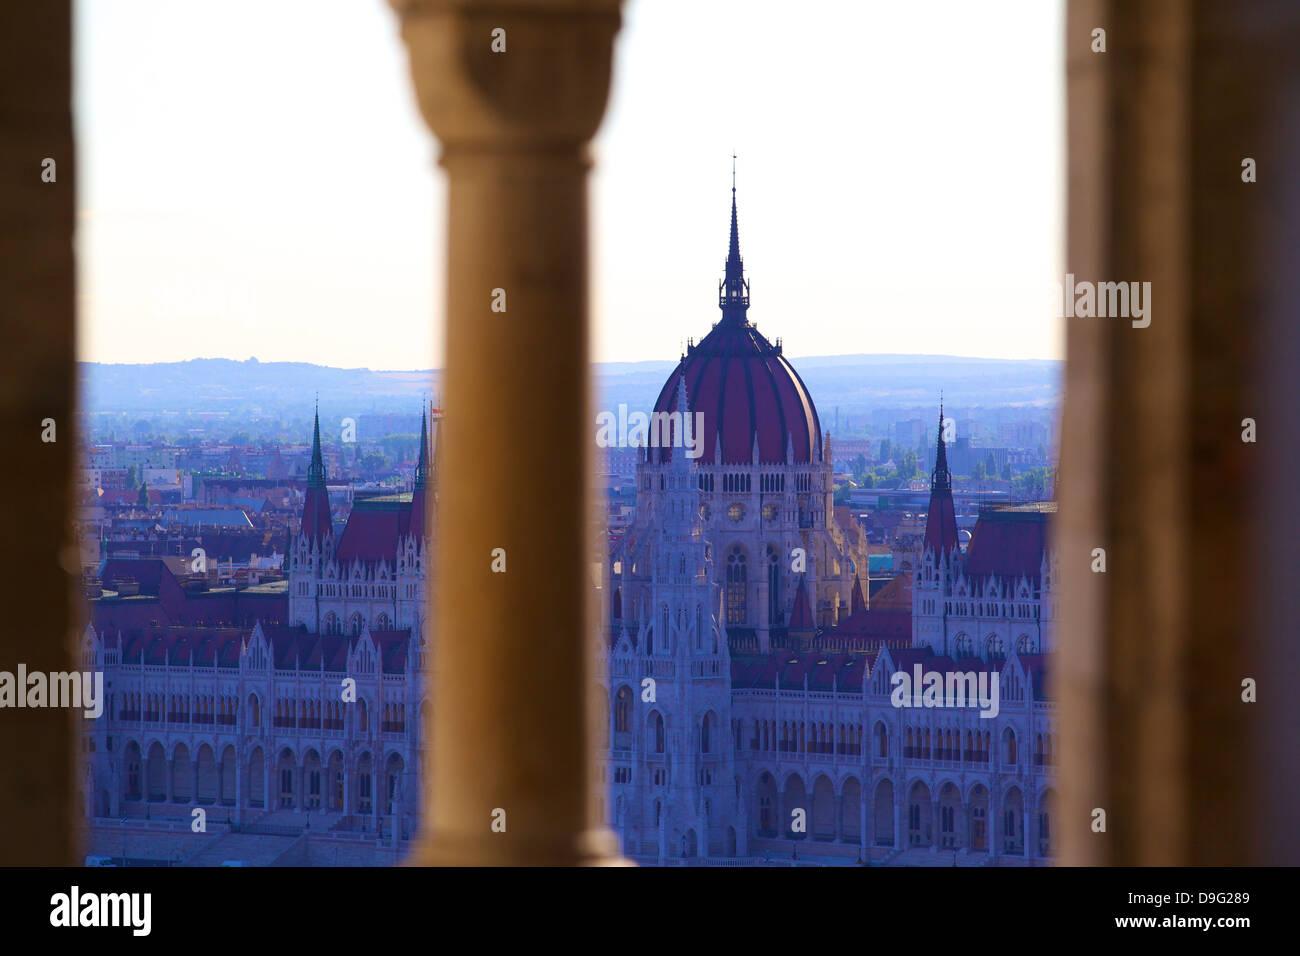 Vista del edificio del parlamento húngaro desde el Bastión de los pescadores, en Budapest, Hungría Imagen De Stock